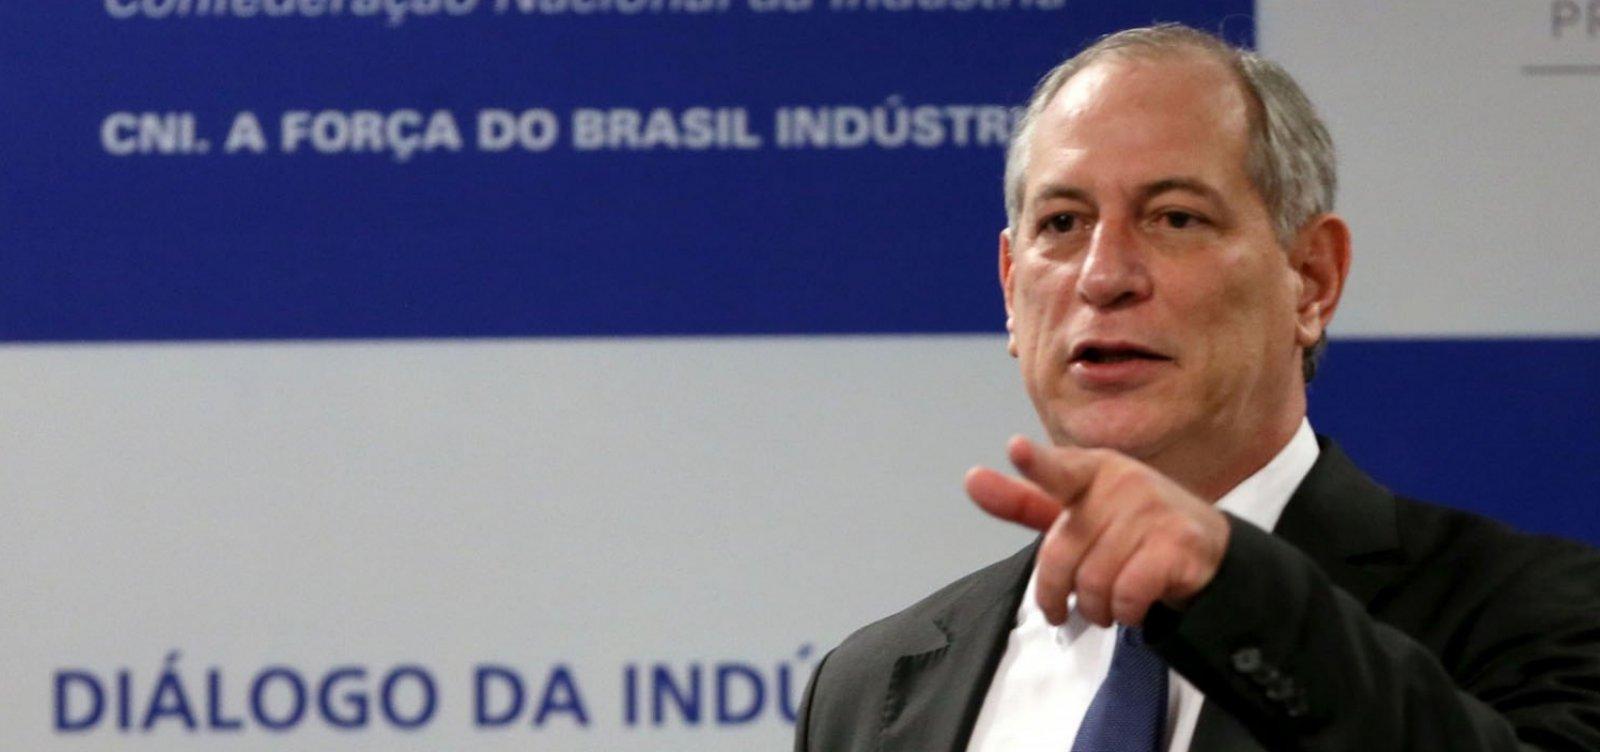 Ciro diz que fará oposição a Bolsonaro 'diferente dos que defendem interesses mesquinhos'